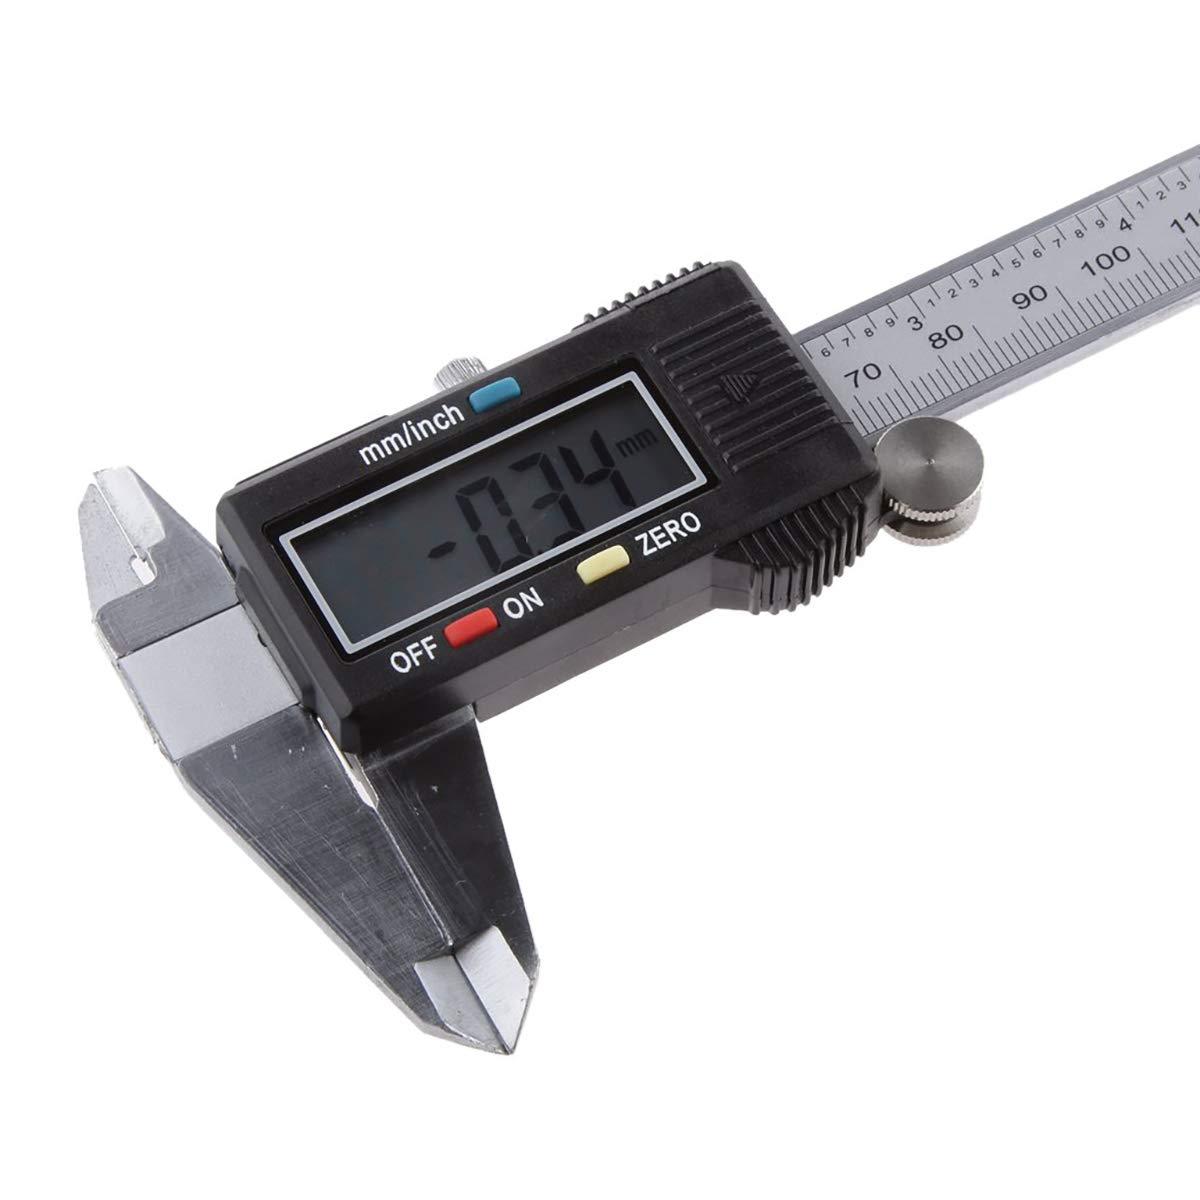 150 mm Guage in acciaio INOX Calibro a corsoio digitale